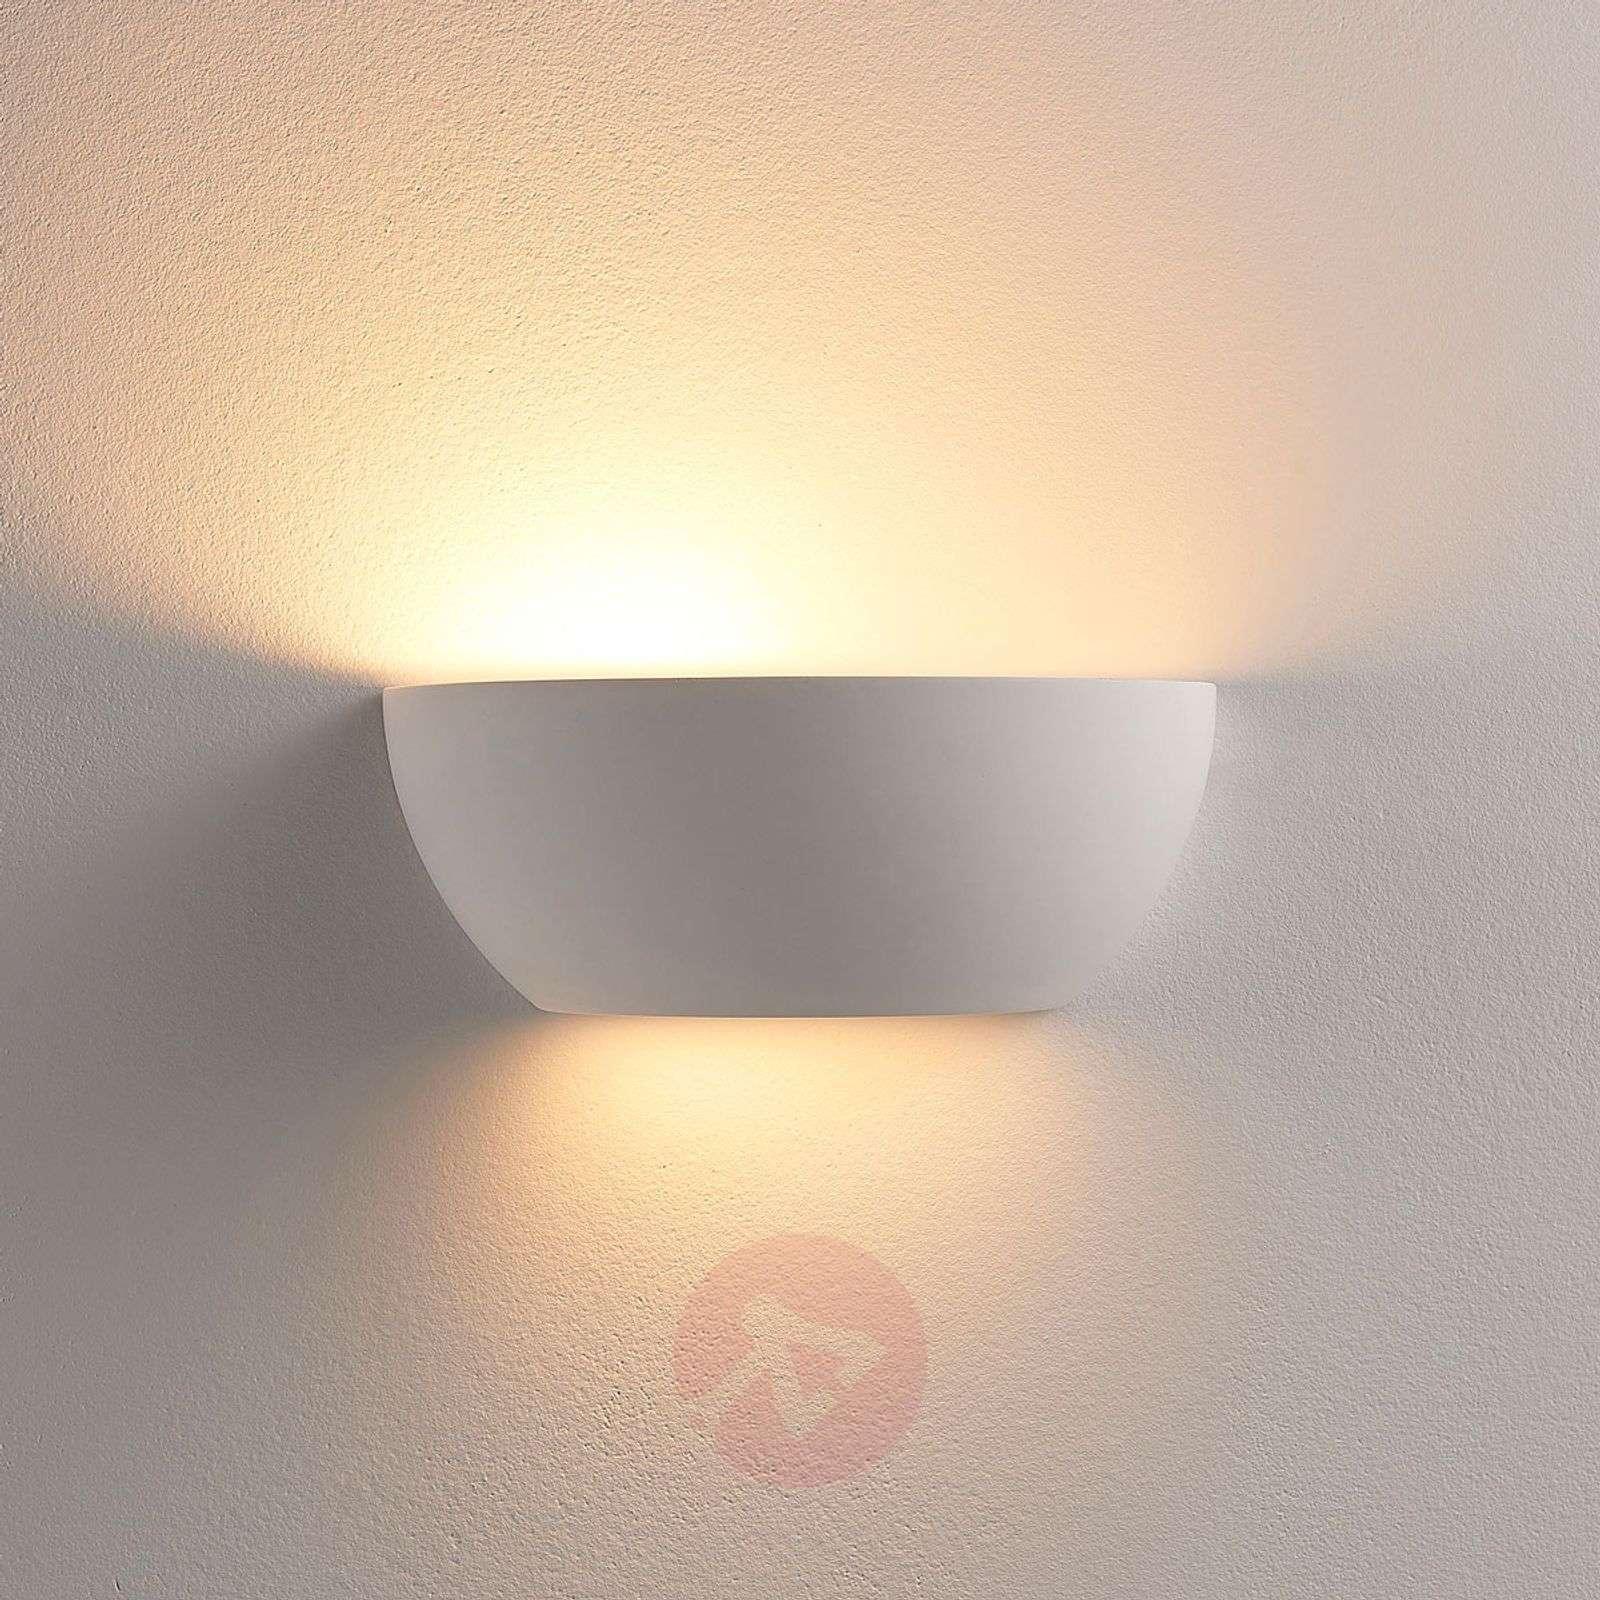 Jimmy LED-seinävalaisin Easydim-toiminto, kipsiä-9621320-01